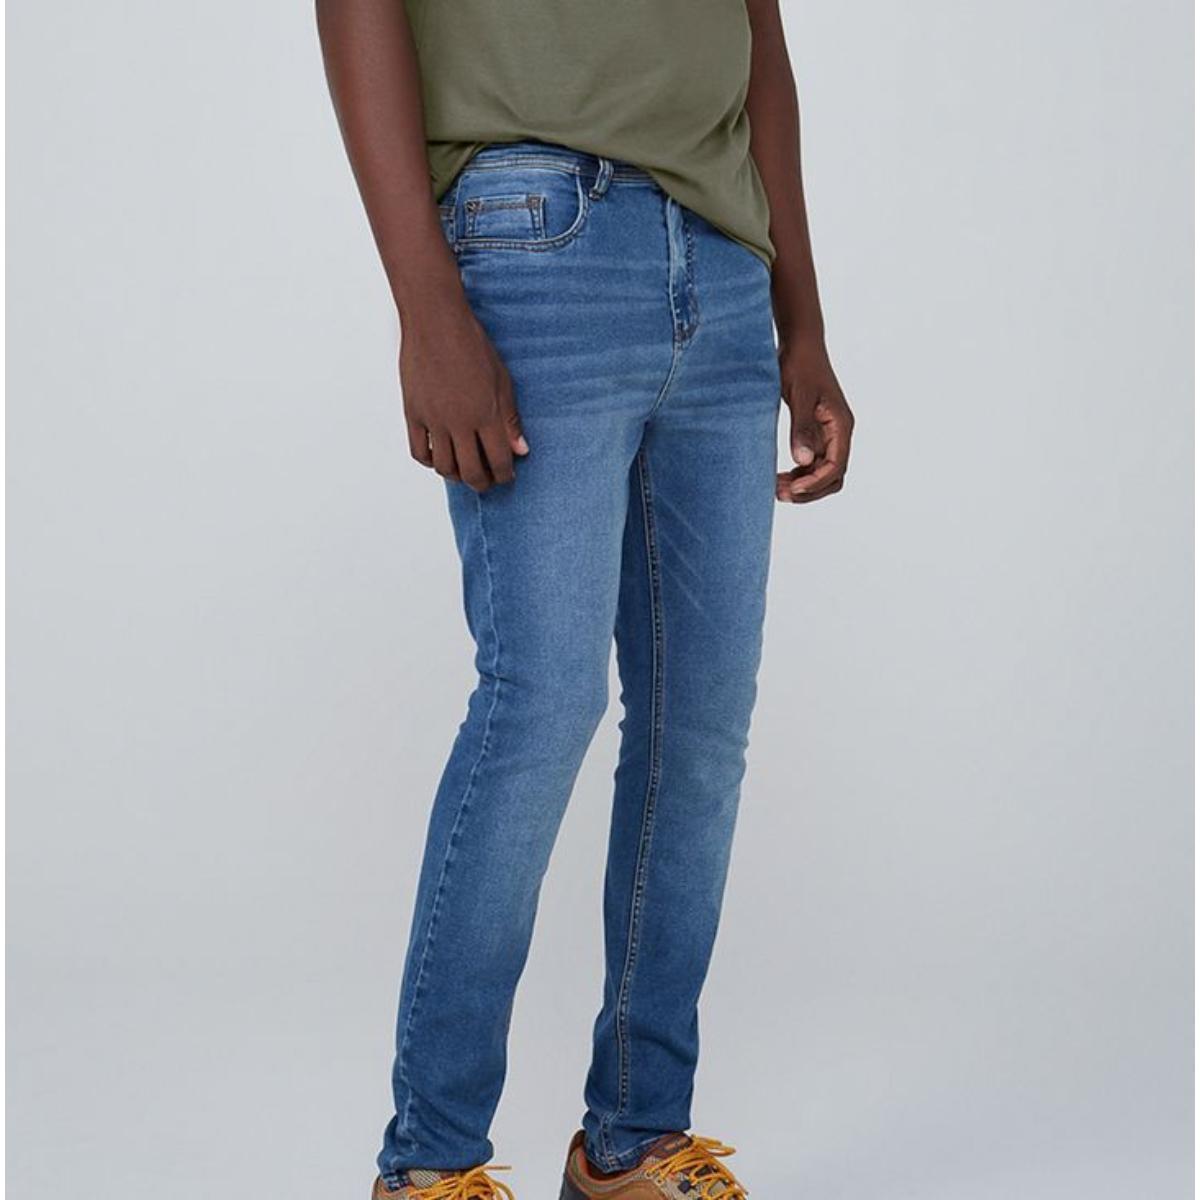 Calça Masculina Dzarm Zu6u 1bsn Jeans Claro